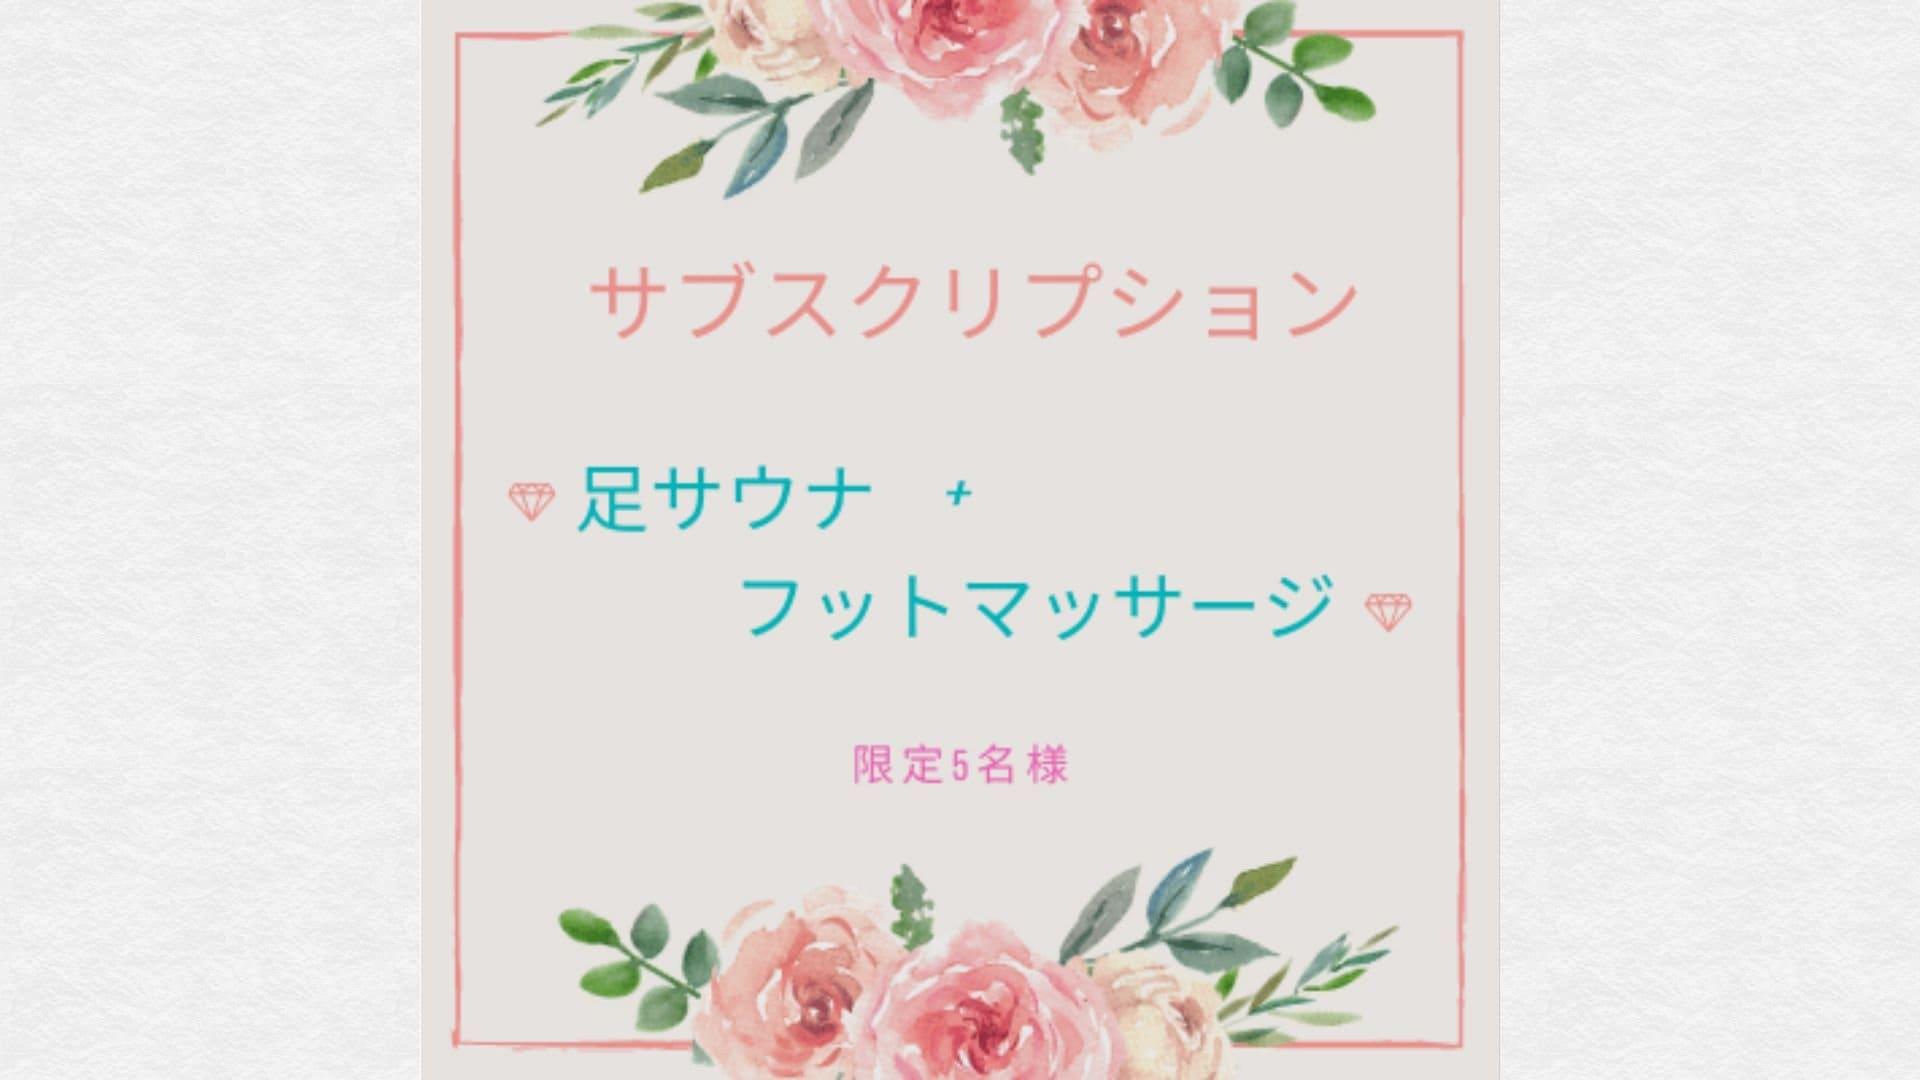 毎月5名様限定!!サブスクリプション☆足サウナ+フットマッサージ(20分コース)のイメージその1